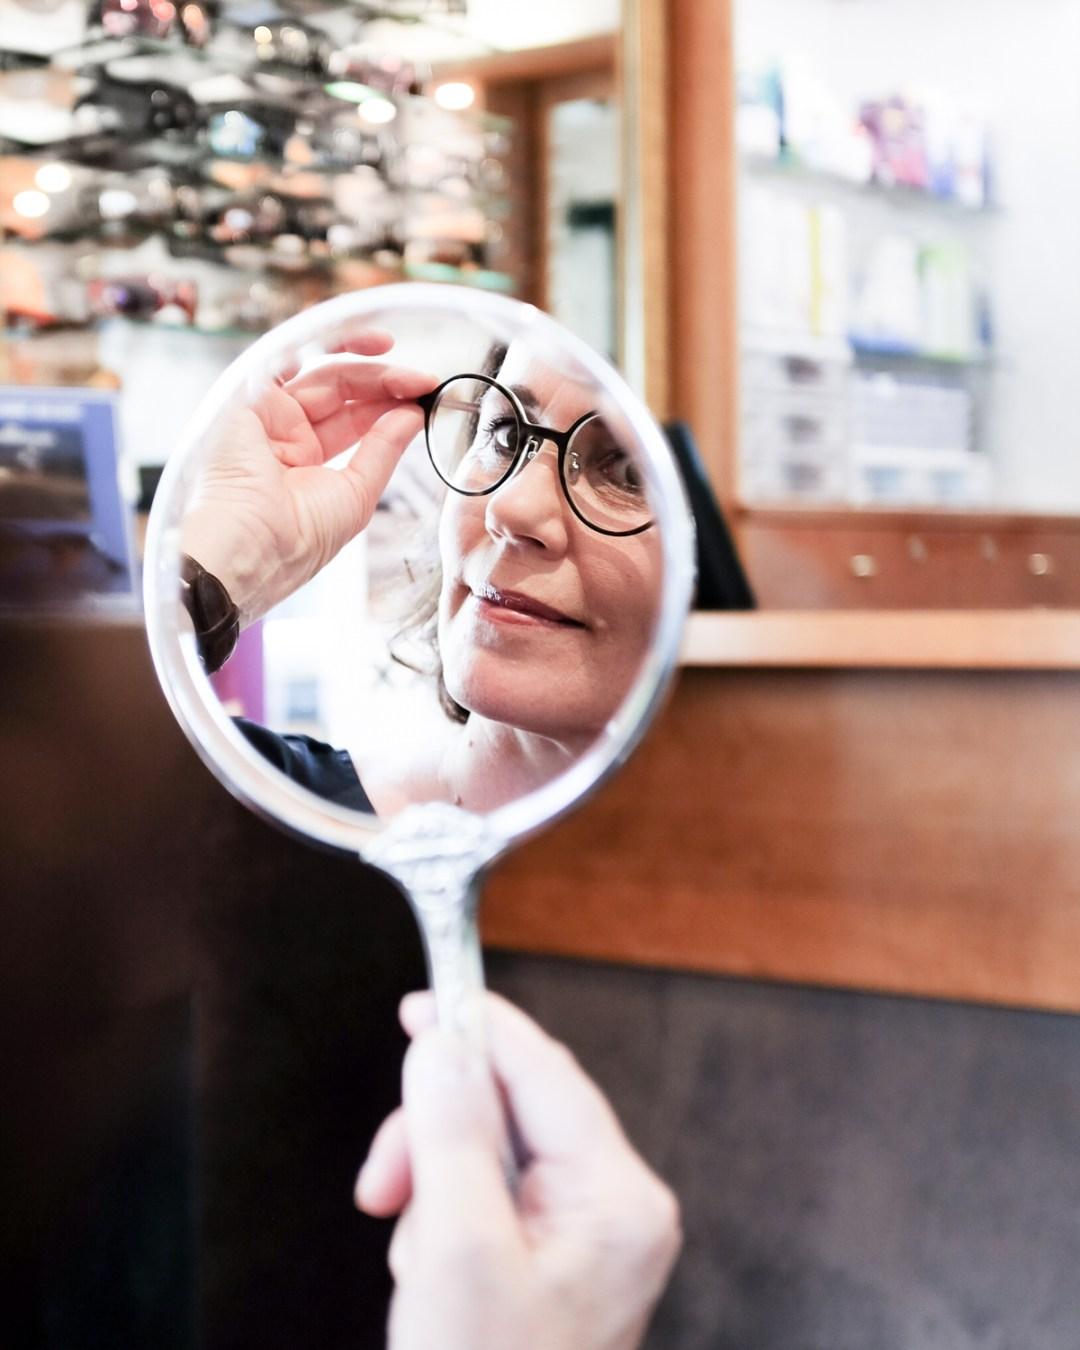 inastil, Ü50Blogger, Gleitsichtbrille, neue Brille, Optiker, Hallein, Ü50Mode, Brillenmode, Modeberatung, Stilberatung,_-5